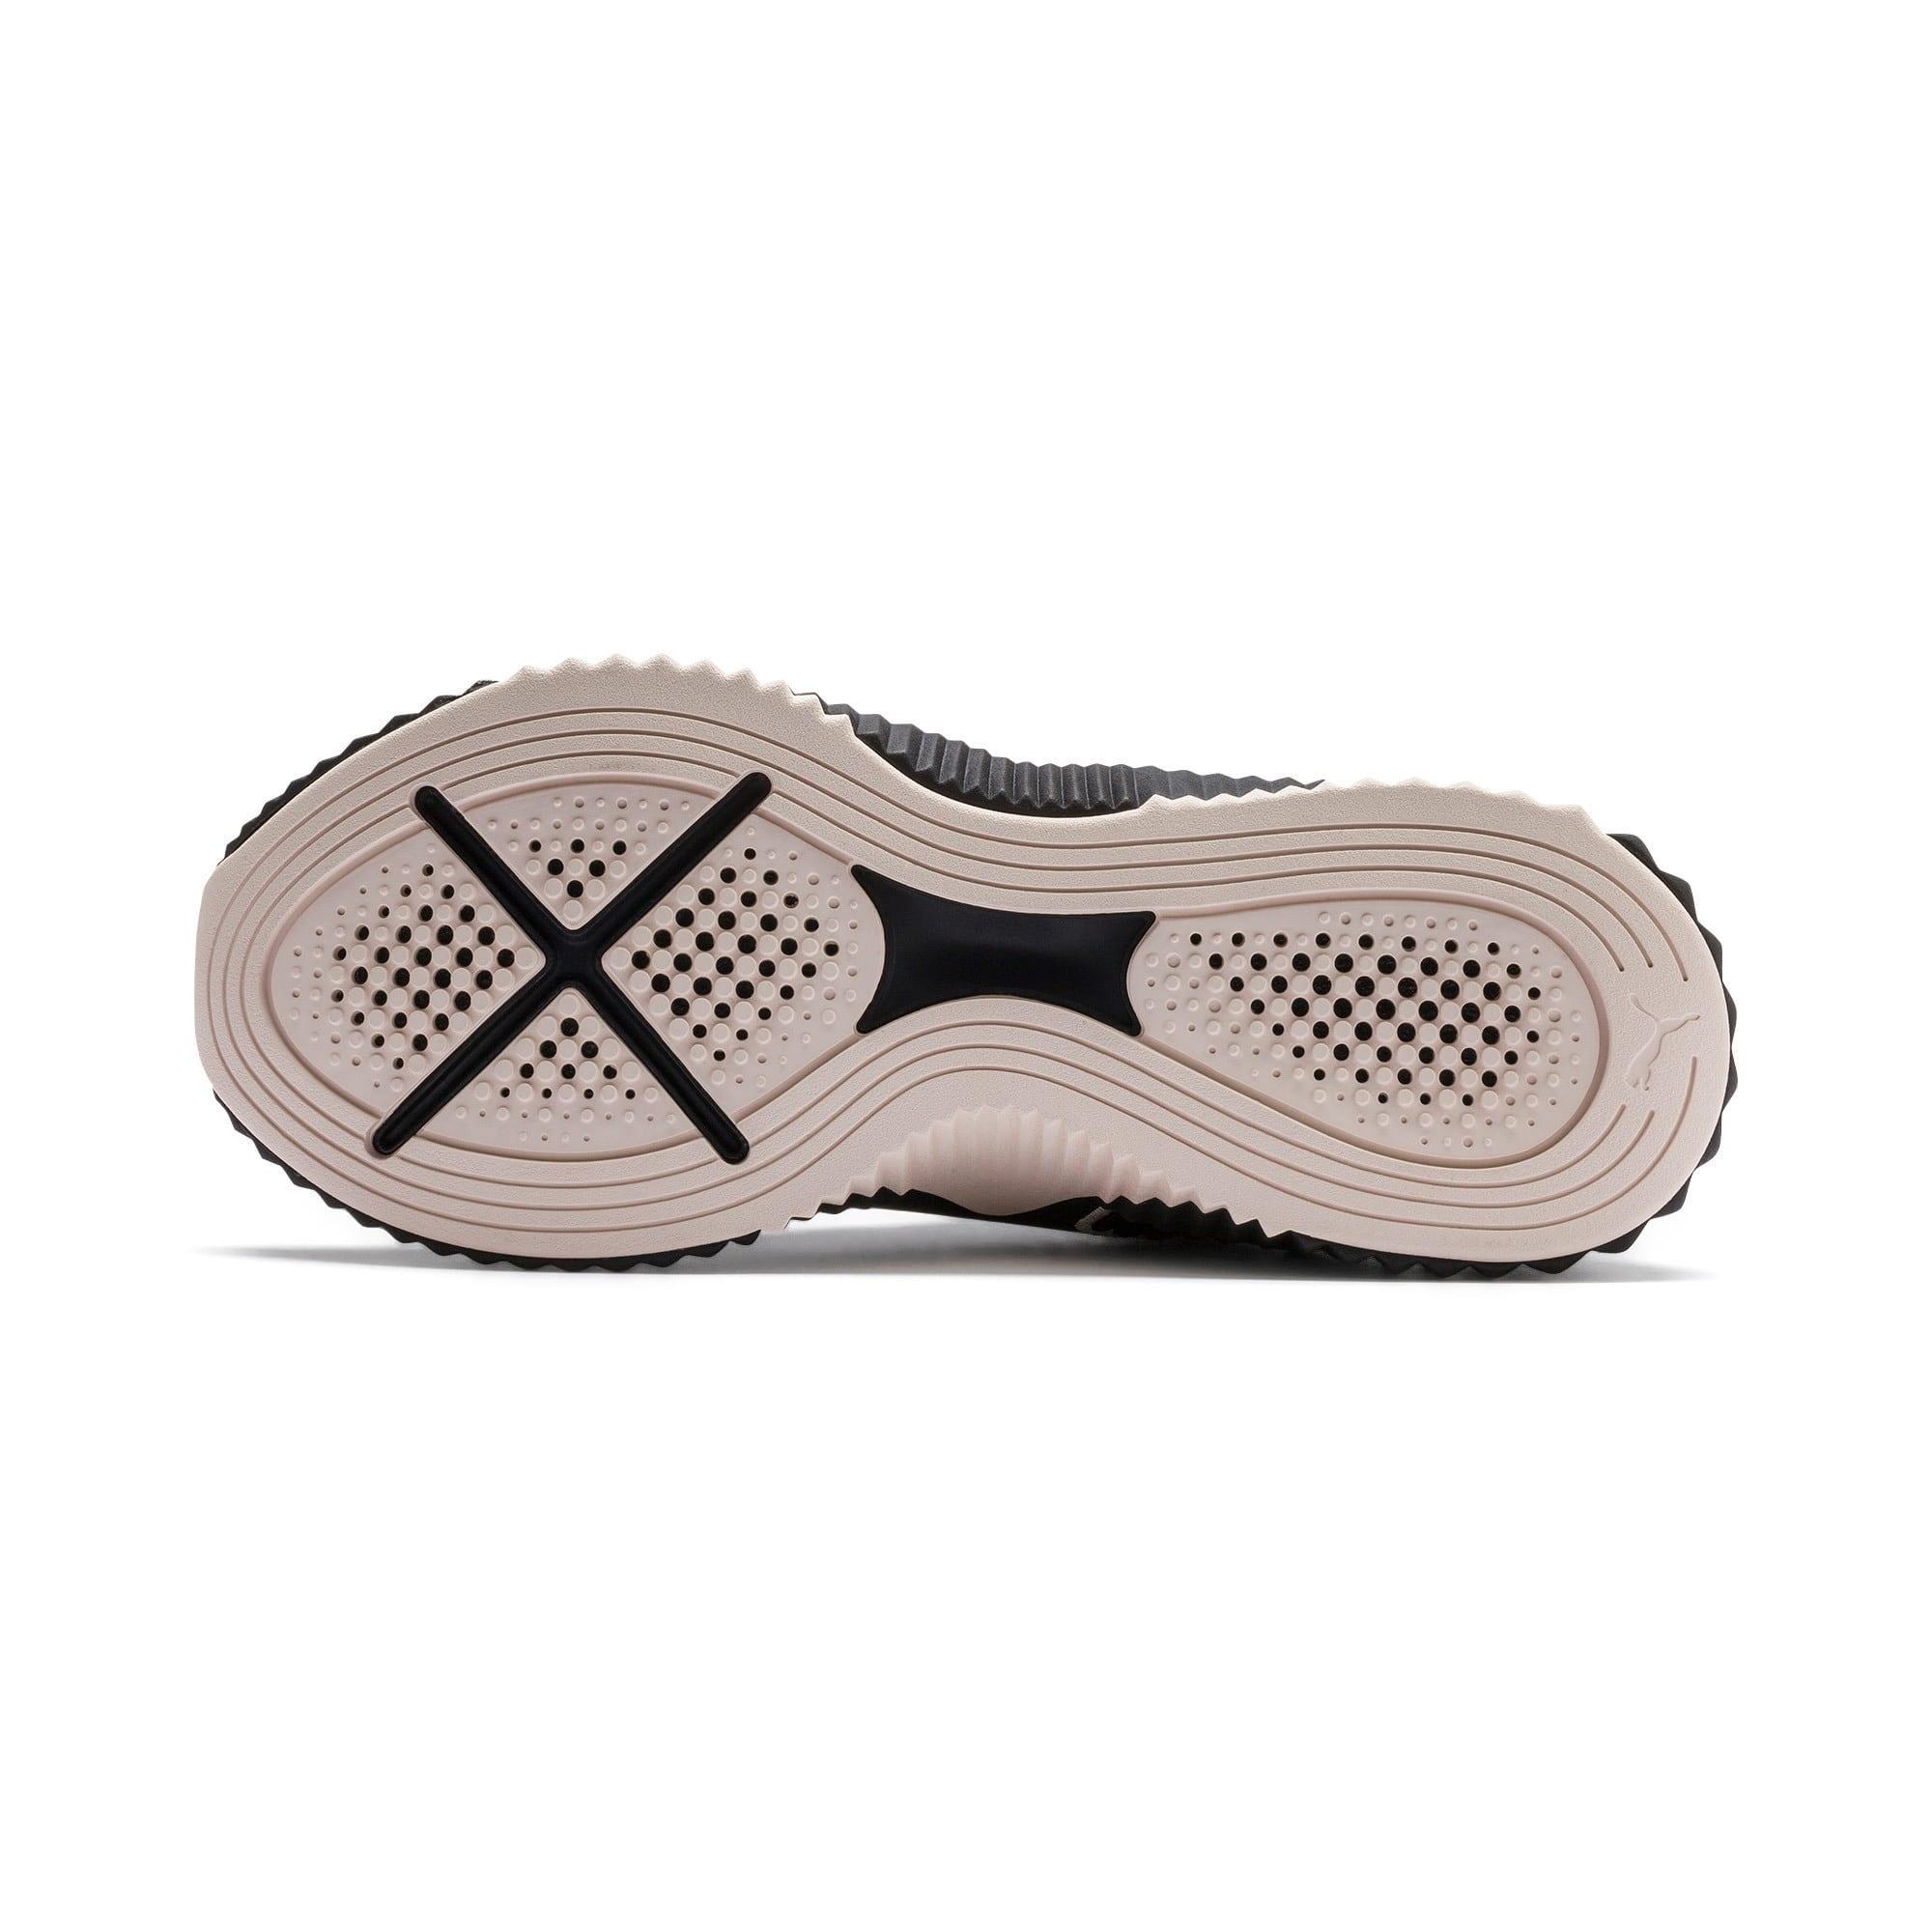 Thumbnail 5 of Defy Women's Training Shoes, Puma Black-Pastel Parchment, medium